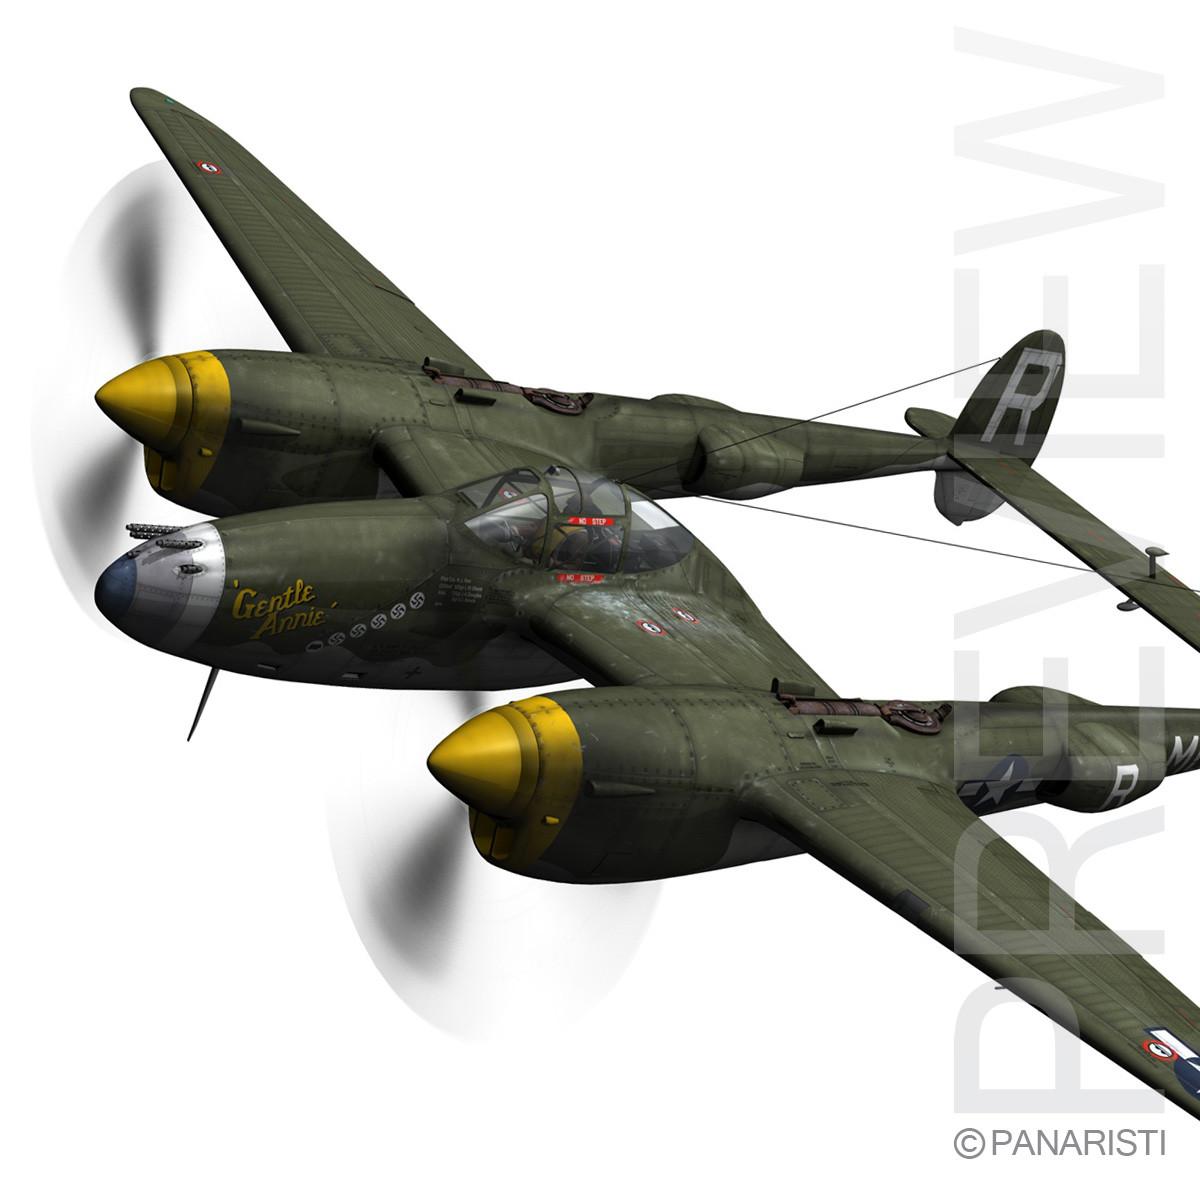 Lockheed P-38 Lightning - Gentle Annie